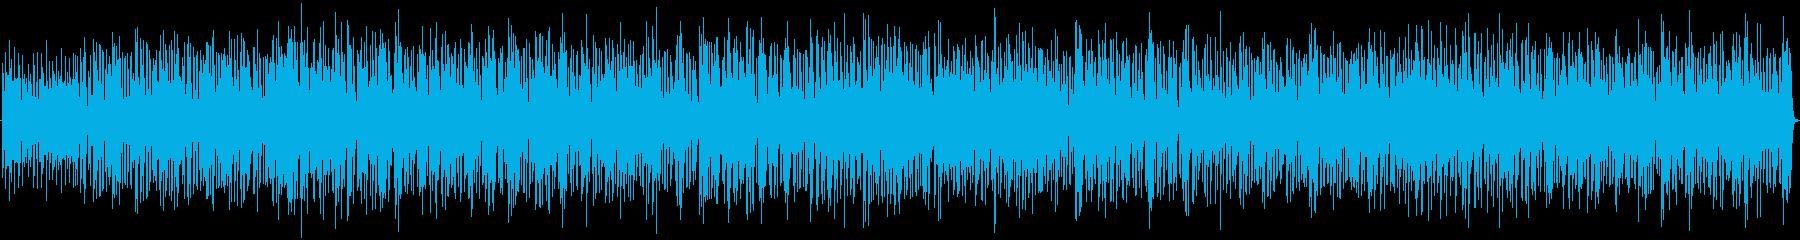 素敵なジャズボッサ。ボサノバ、モダ...の再生済みの波形